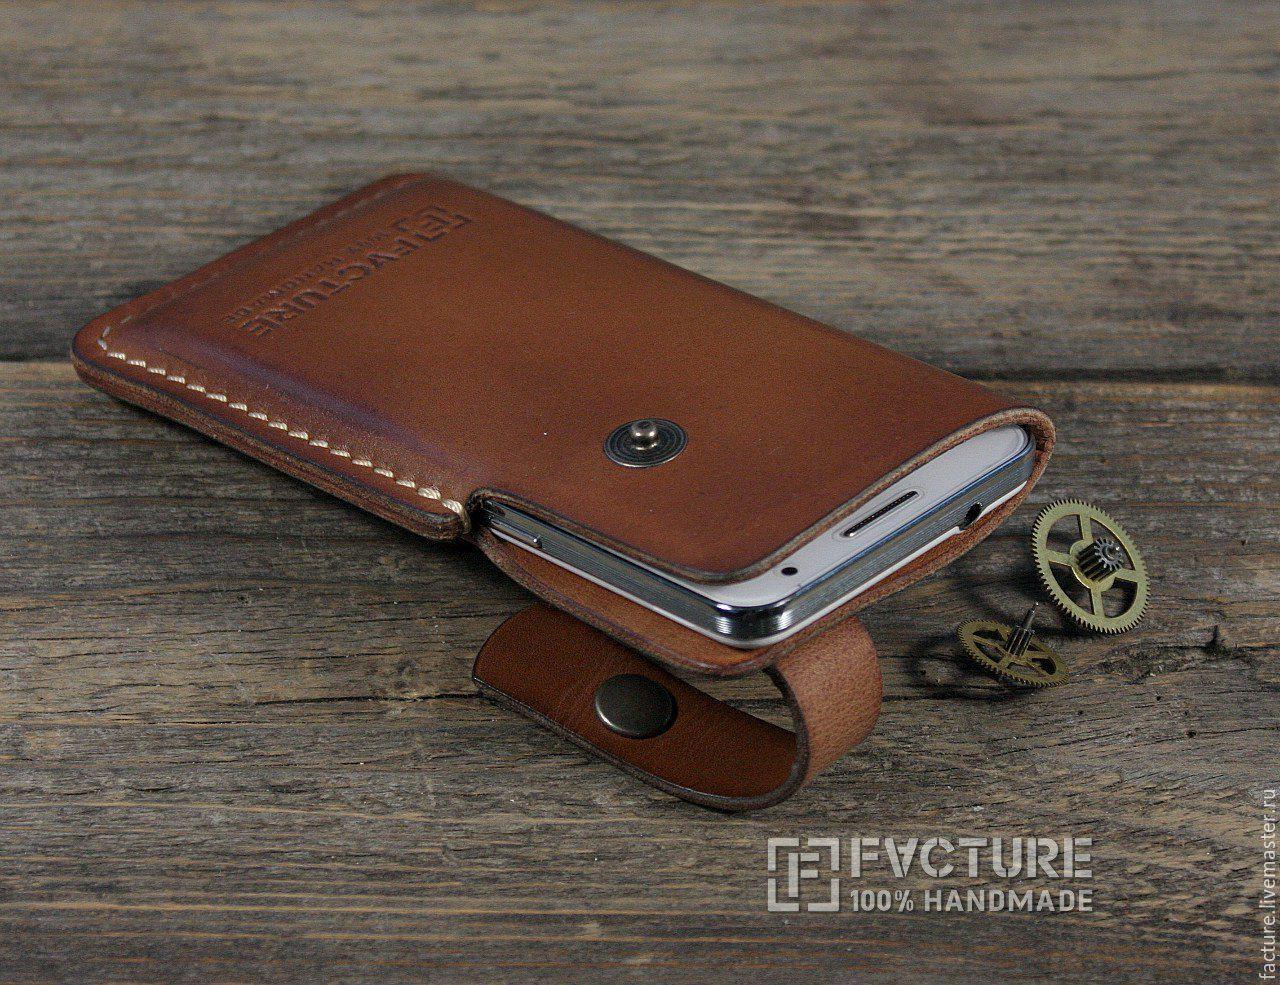 31de05881cef Для телефонов ручной работы. Чехол для Смартфона iPhone. Натуральная кожа. Ручная  работа.